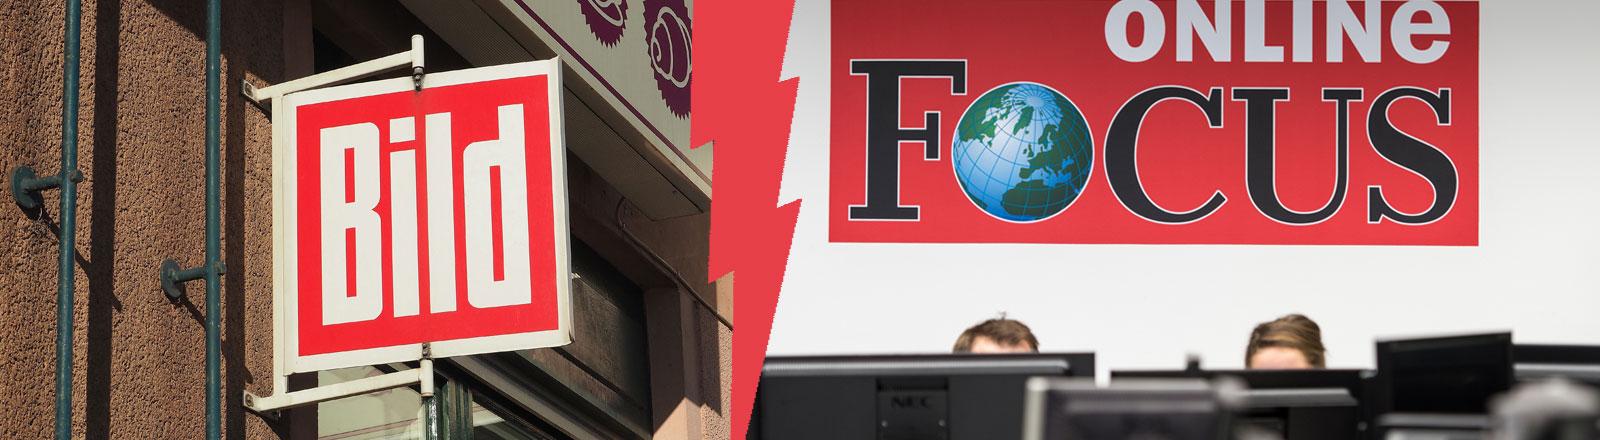 Logo der Bild-Zeitung, Focus-Online-Redakteure hinter ihren Monitoren, dazwischen ein Blitz, der beide Bilder trennt, Collage DRadio Wissen